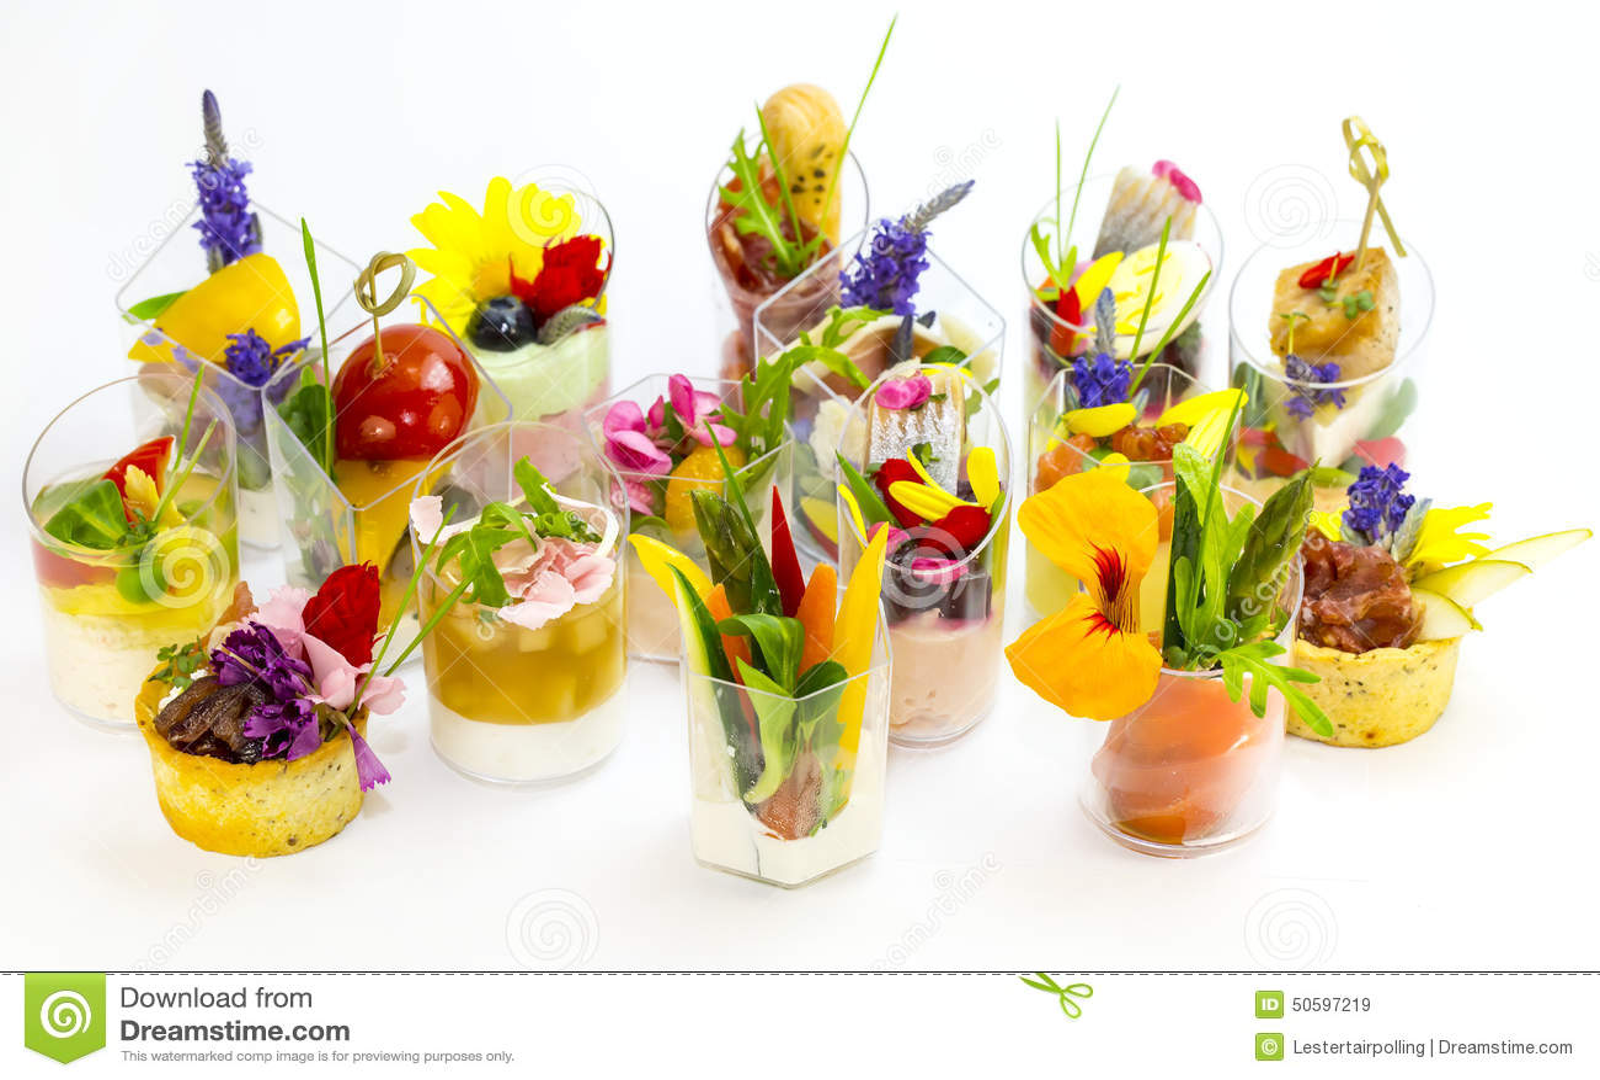 canaps avec les fleurs comestibles photo stock image 50597219. Black Bedroom Furniture Sets. Home Design Ideas